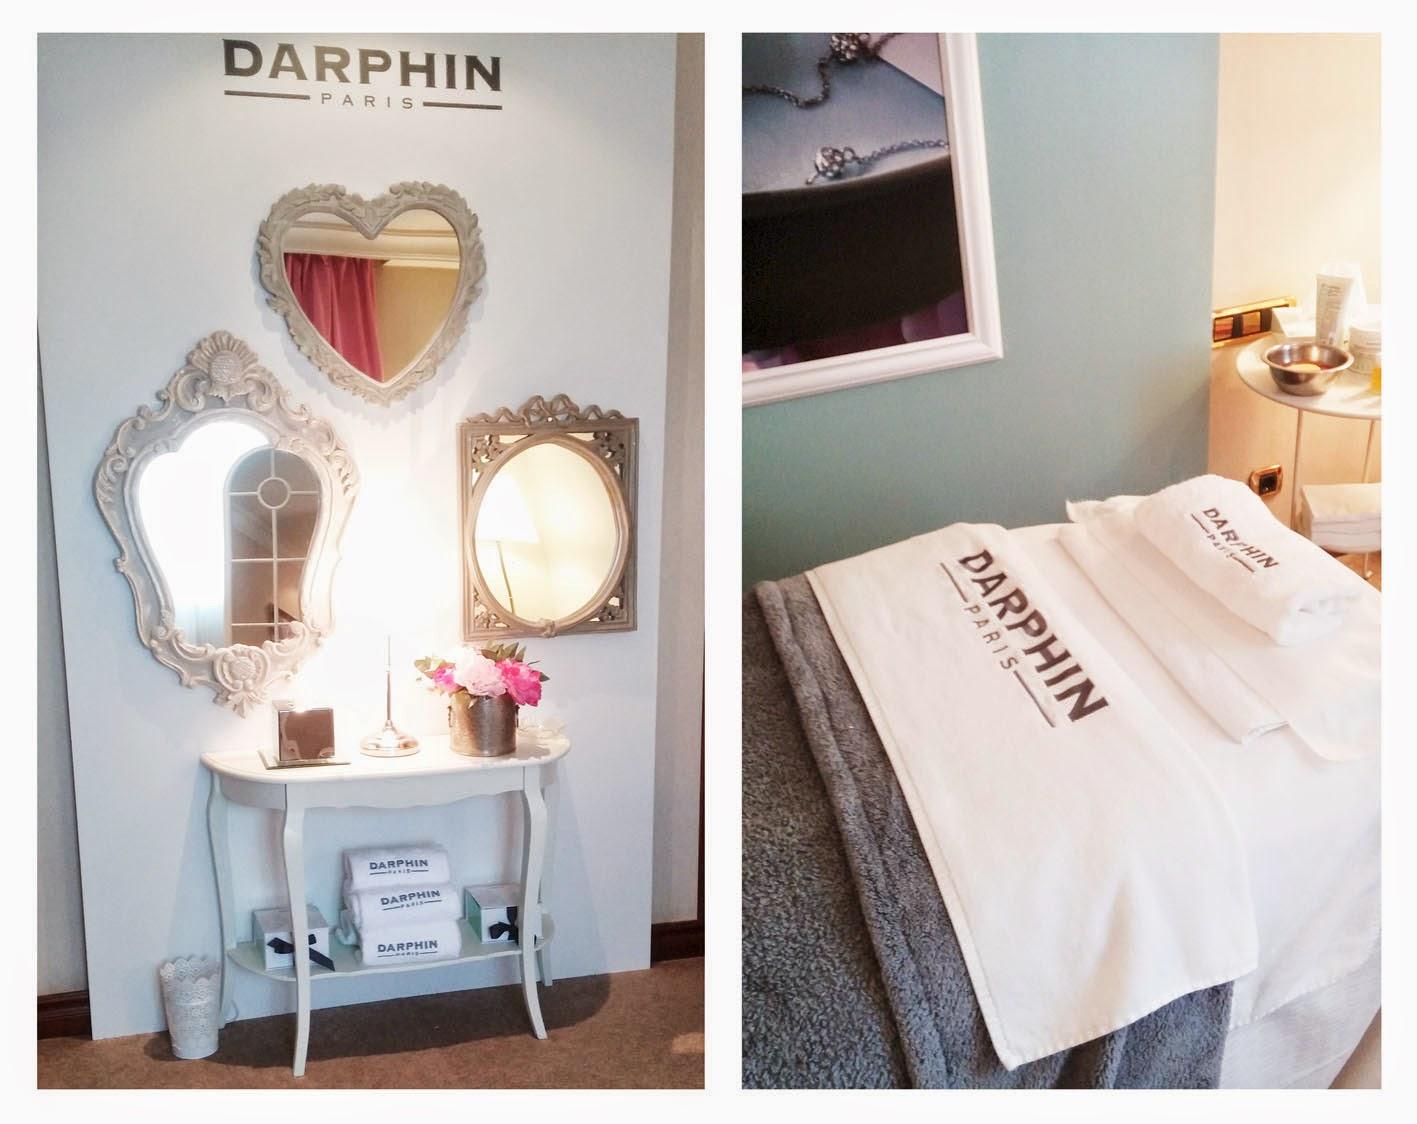 Exquisâge Instituto Darphin